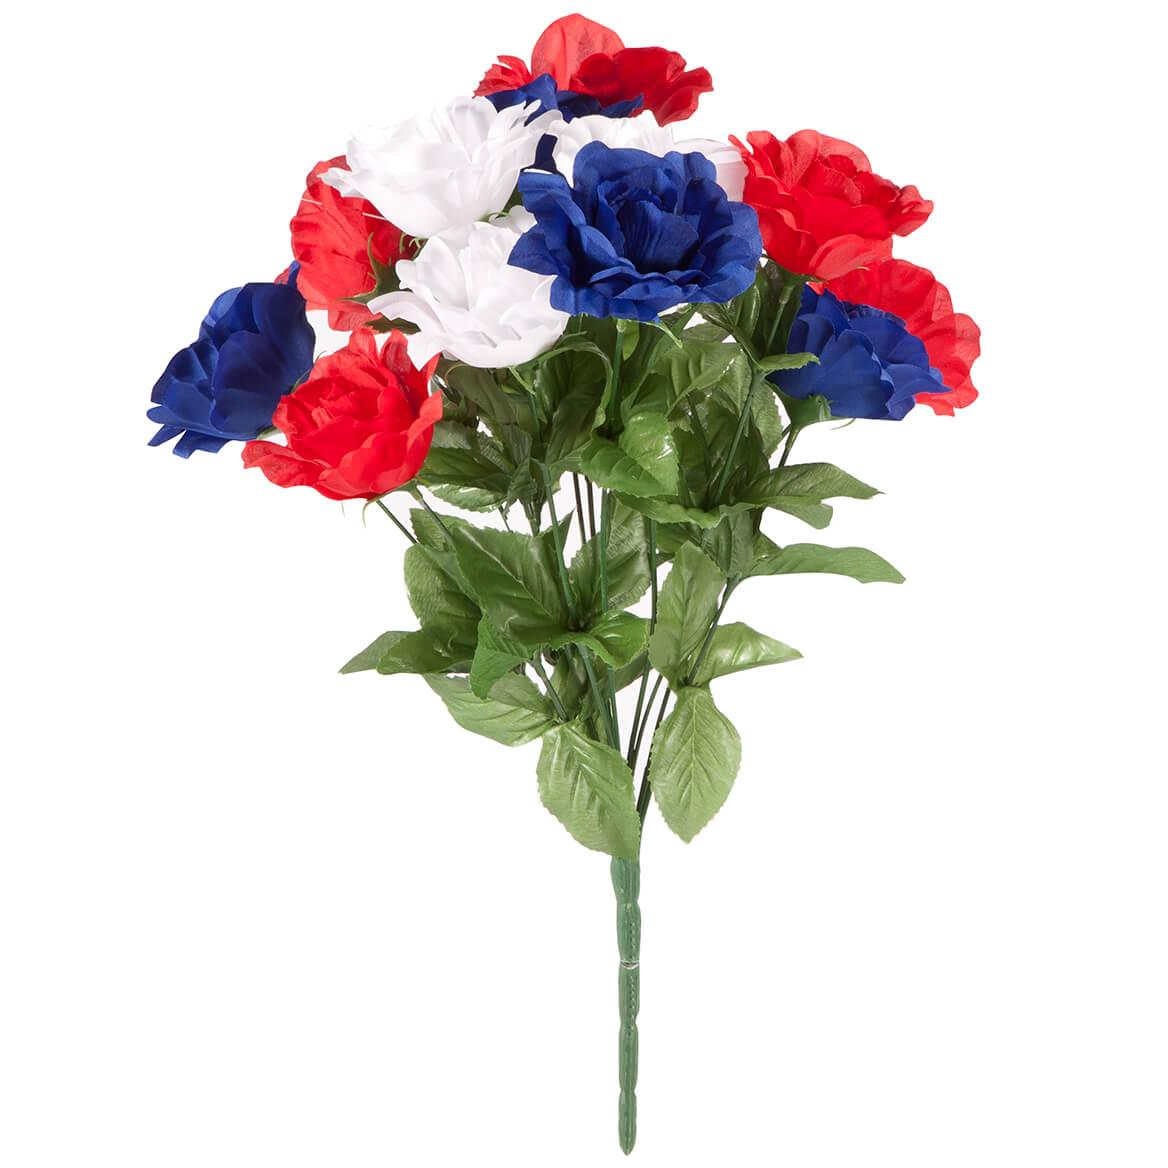 Patriotic Rose Bush Bouquet by Oakridge Outdoor™